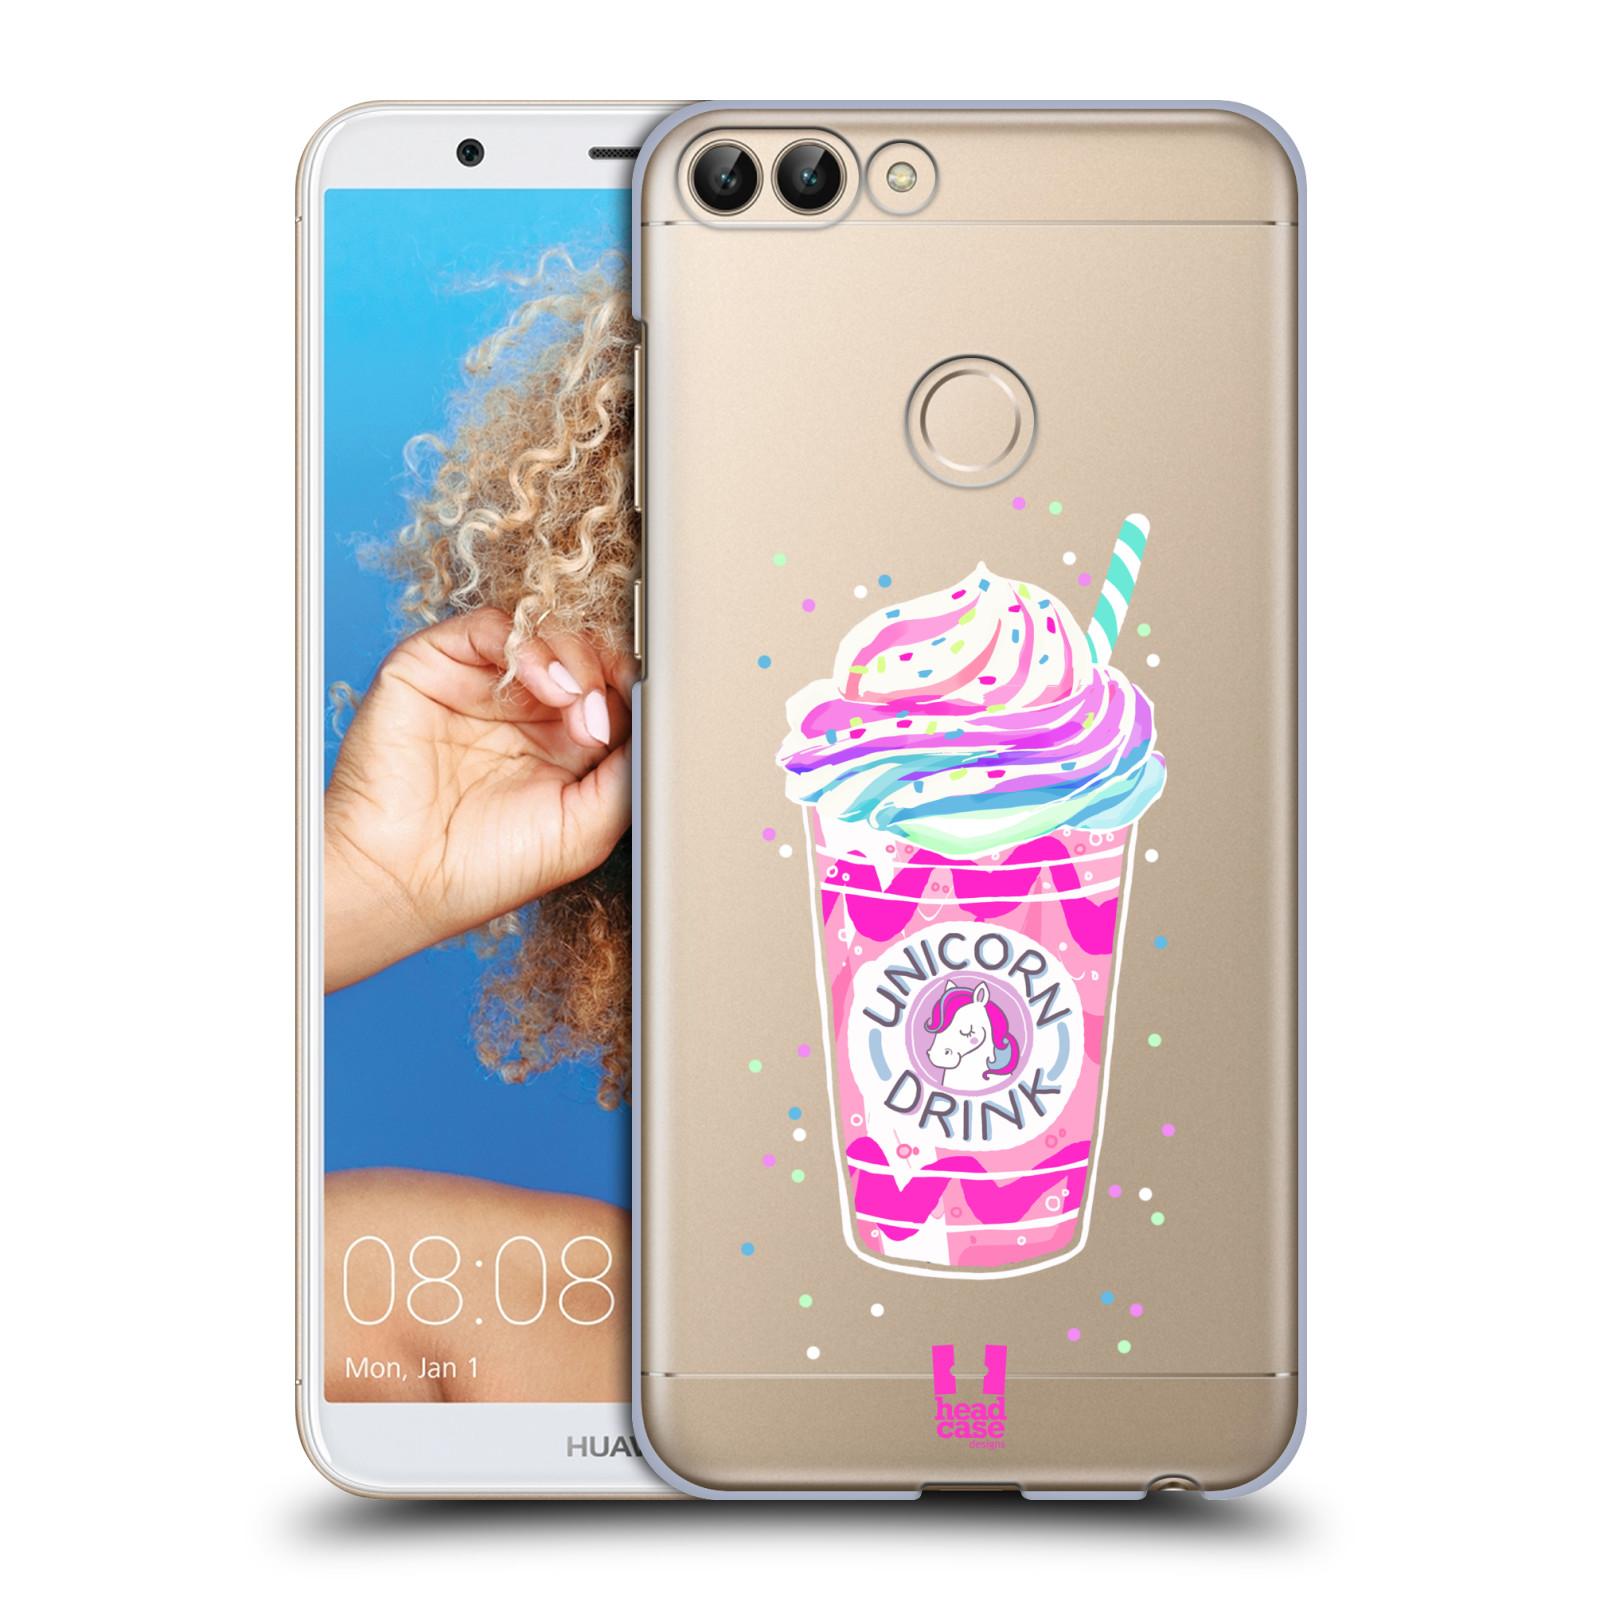 Plastové pouzdro na mobil Huawei P Smart - Head Case - Unicorn drink